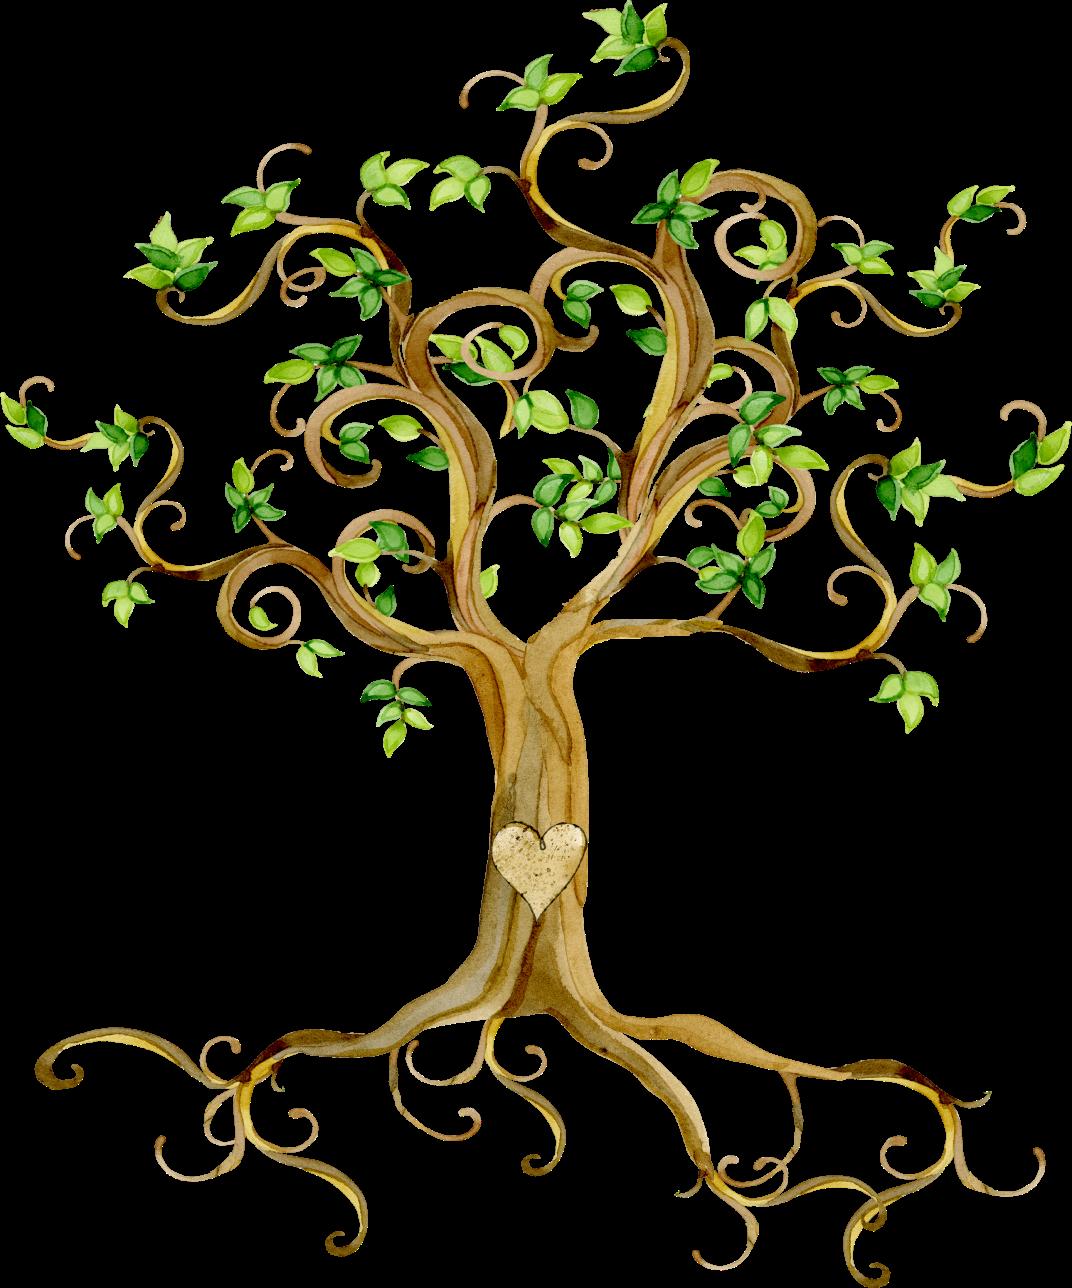 heart-tree@2x